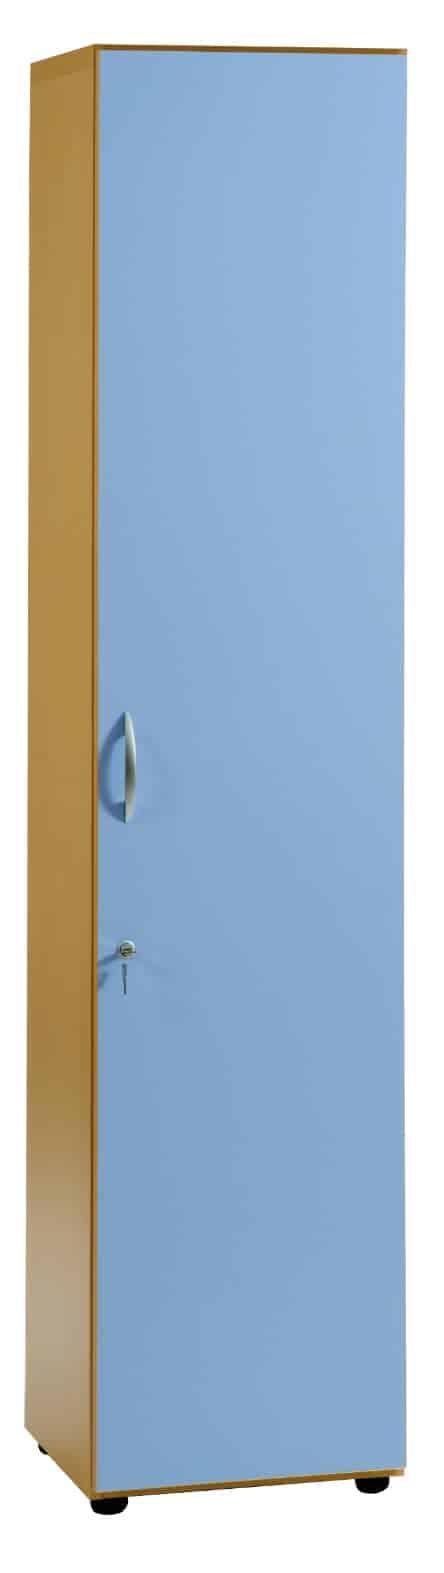 Armario Alto 1 puerta 5 huecos